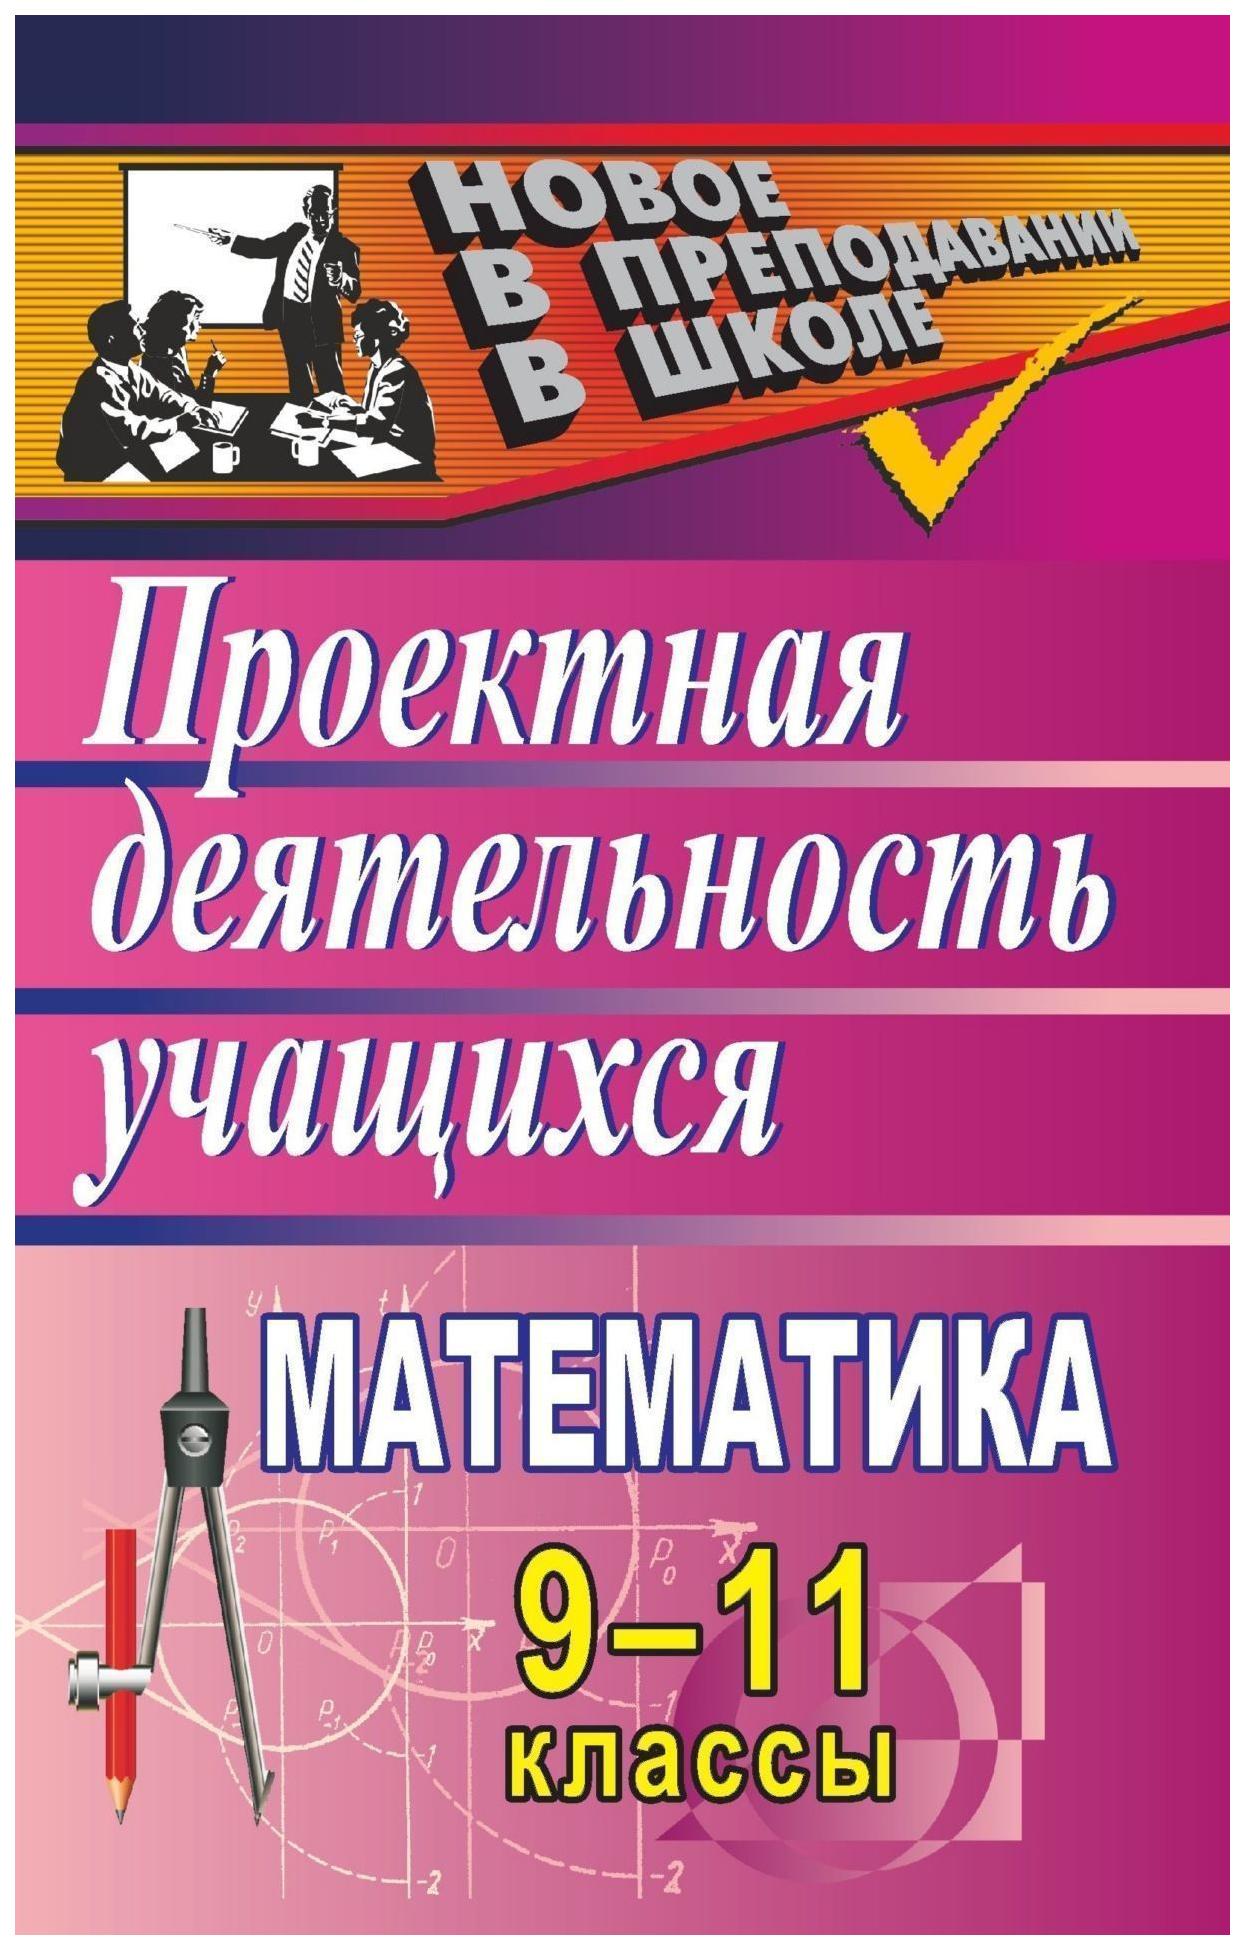 Математика. 9-11 классы: проектная деятельность учащихся